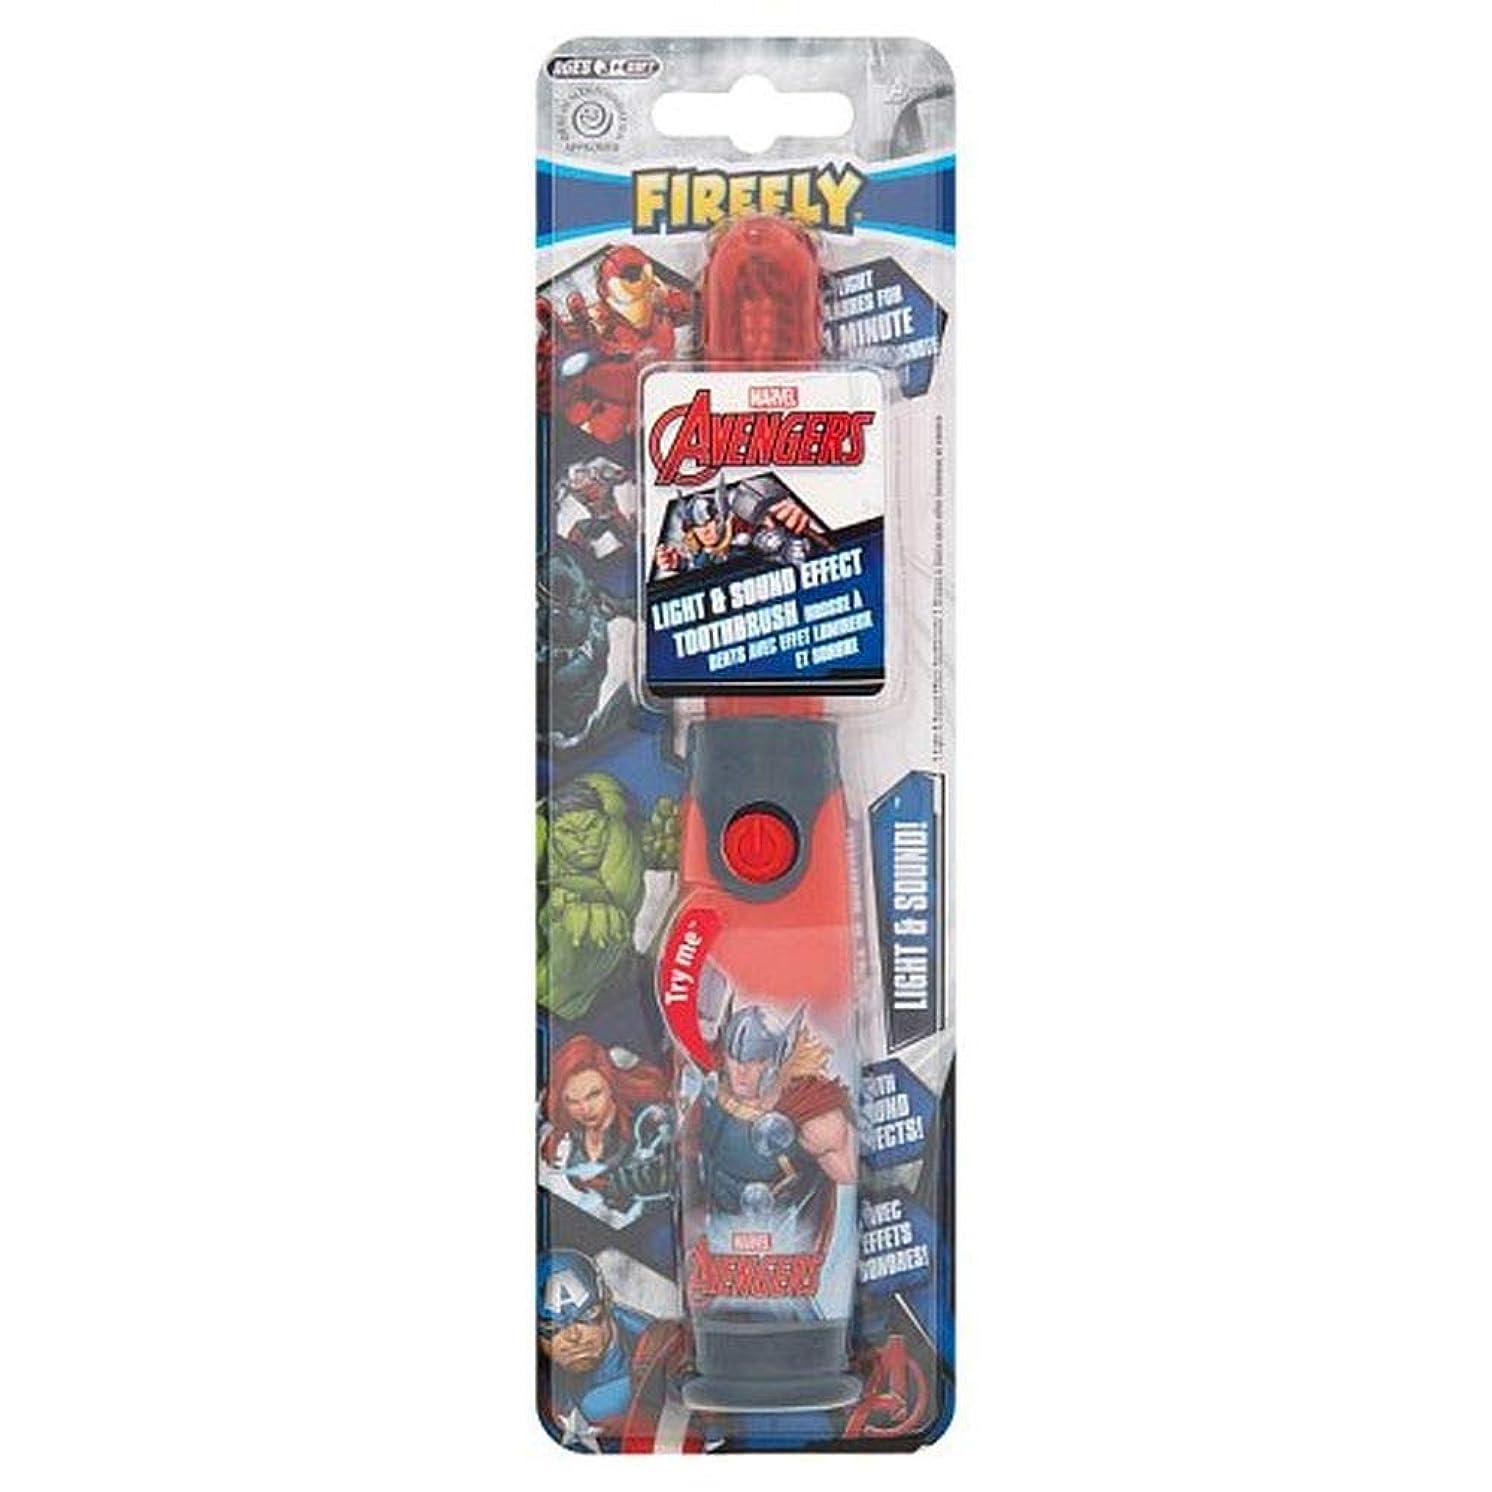 快適阻害する不愉快に[Firefly ] アベンジャーズホタルの光と音の歯ブラシ - Avengers Firefly Light And Sound Toothbrush [並行輸入品]